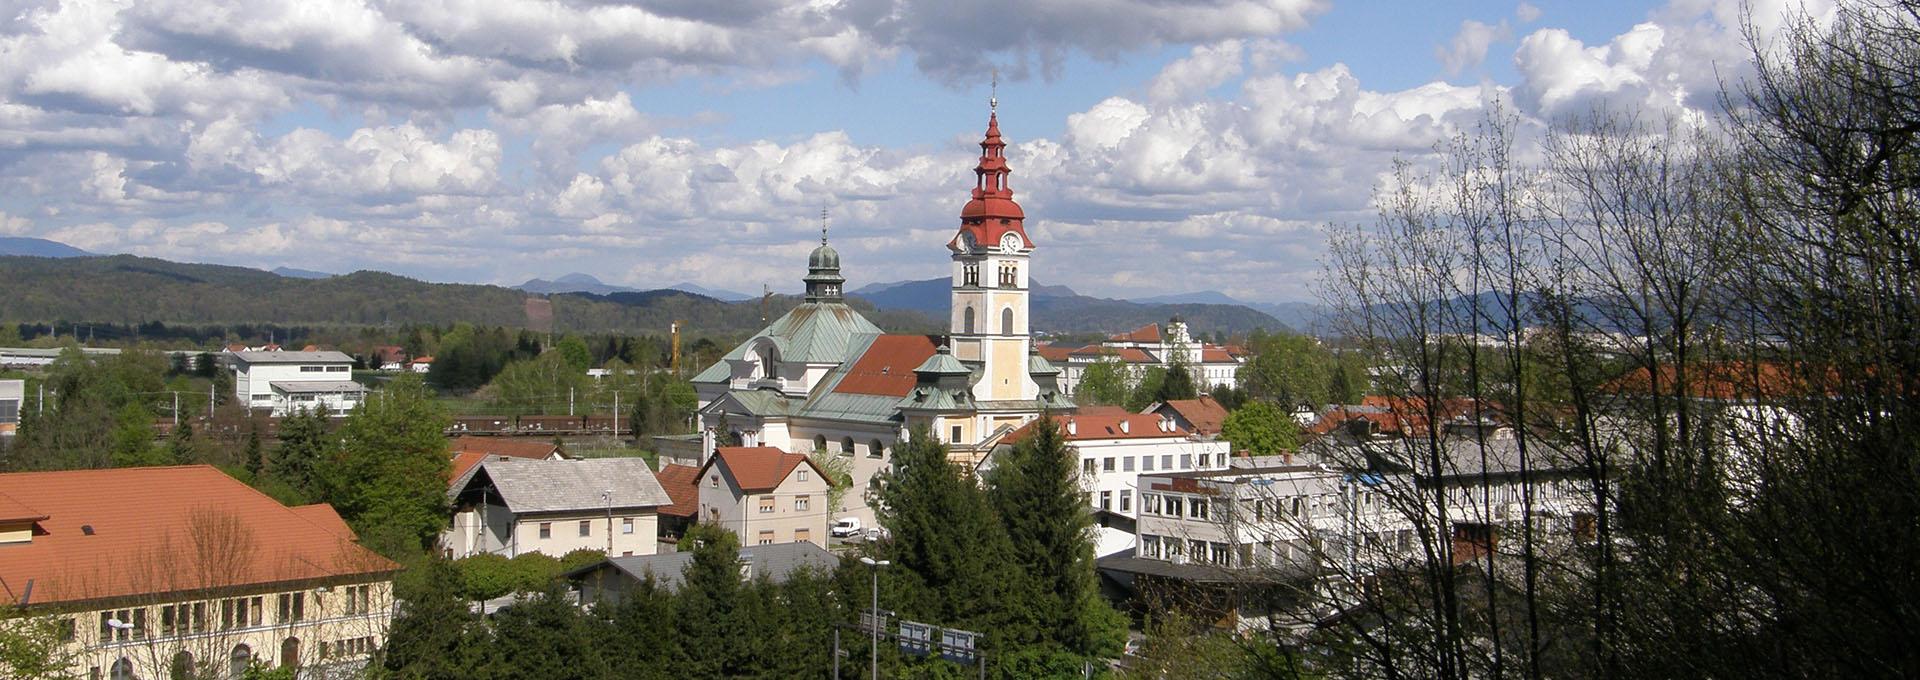 Šentvid z župnijsko cerkvijo svetega Vida - pogled s Šentviškega hriba